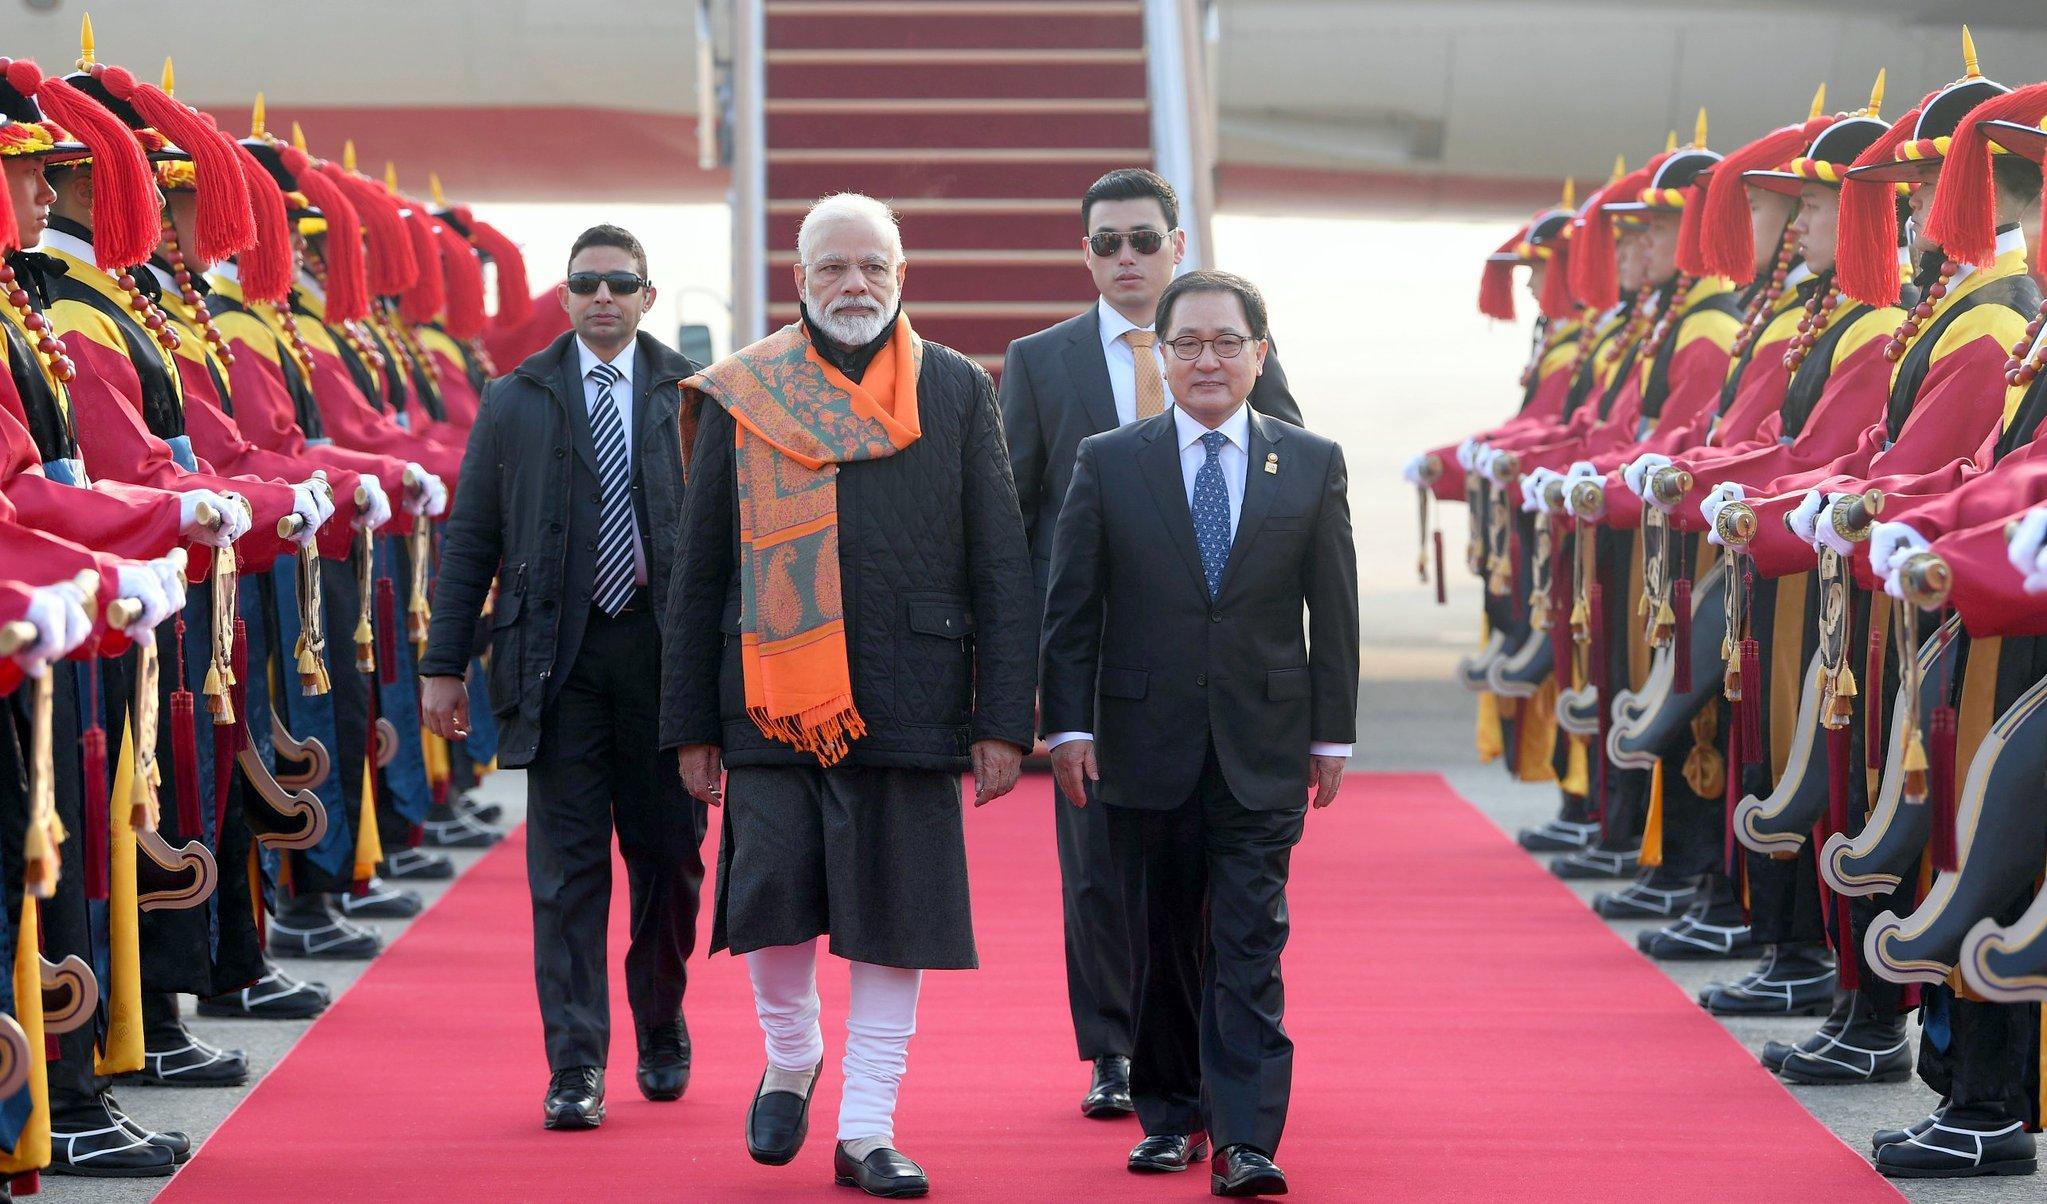 In Pictures: PM Modi unveils Mahatma Gandhi's statue in South Korea